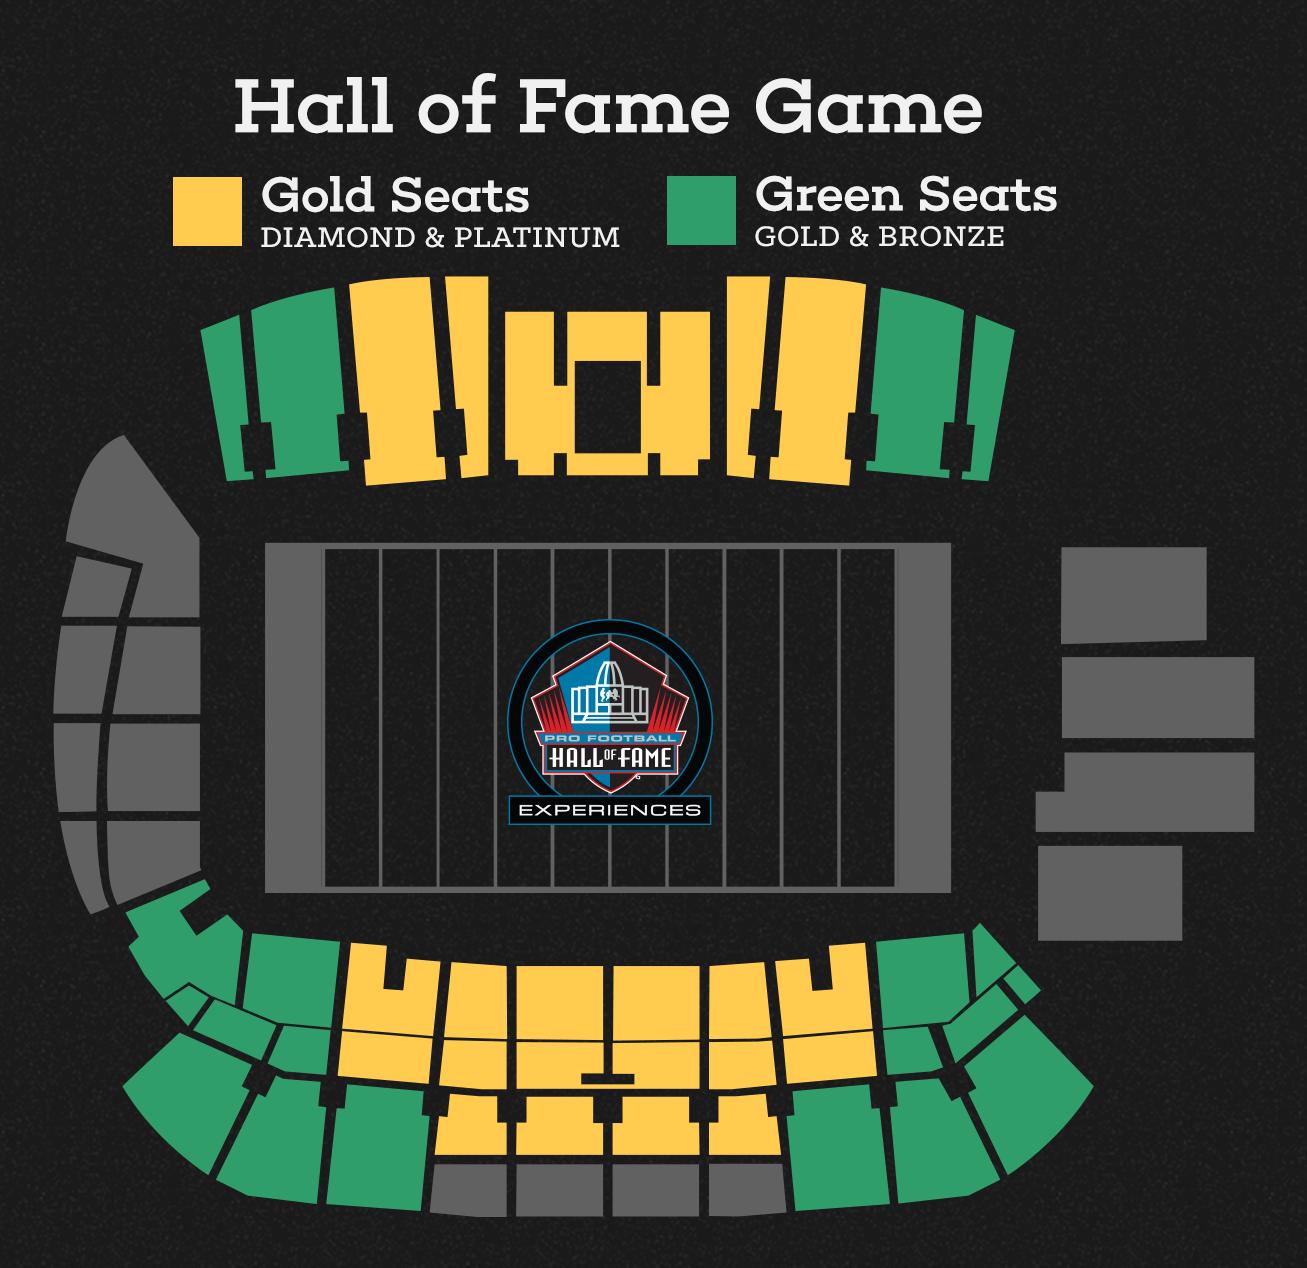 3002-HoF-Game-Seating-Chart-dde8e7025da411875431441863272742.png